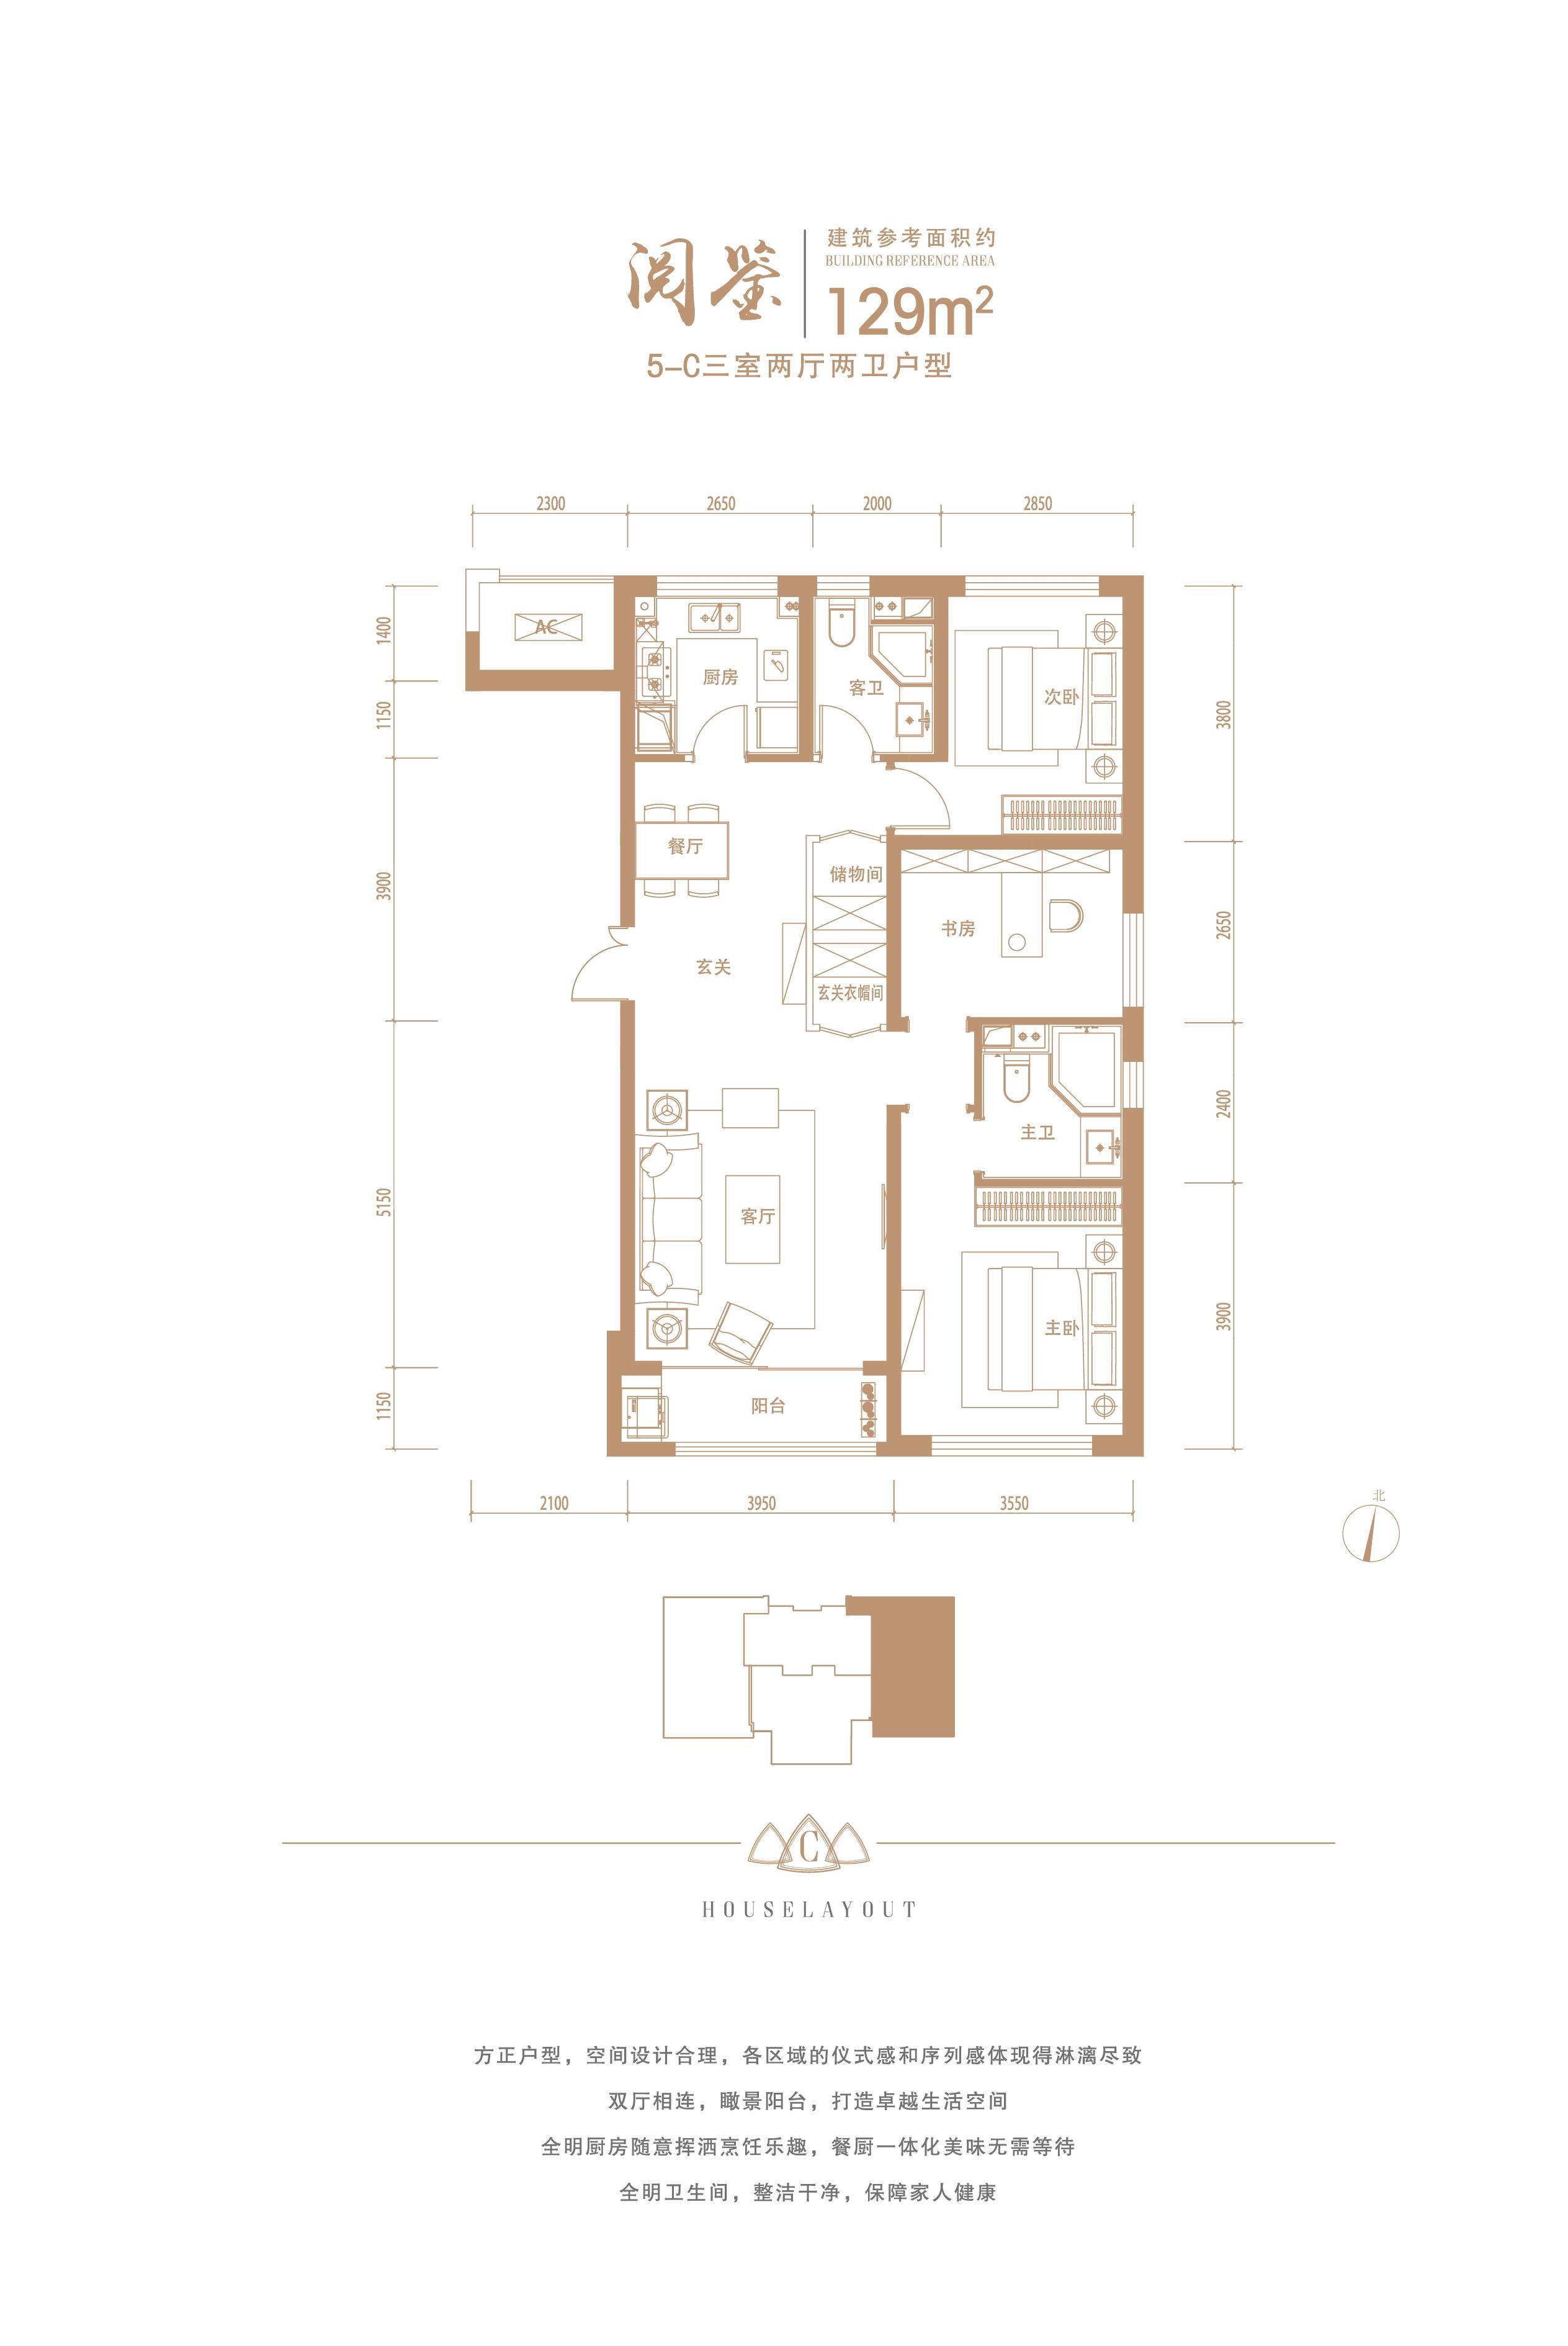 5-C户型129平米 三室两厅两卫